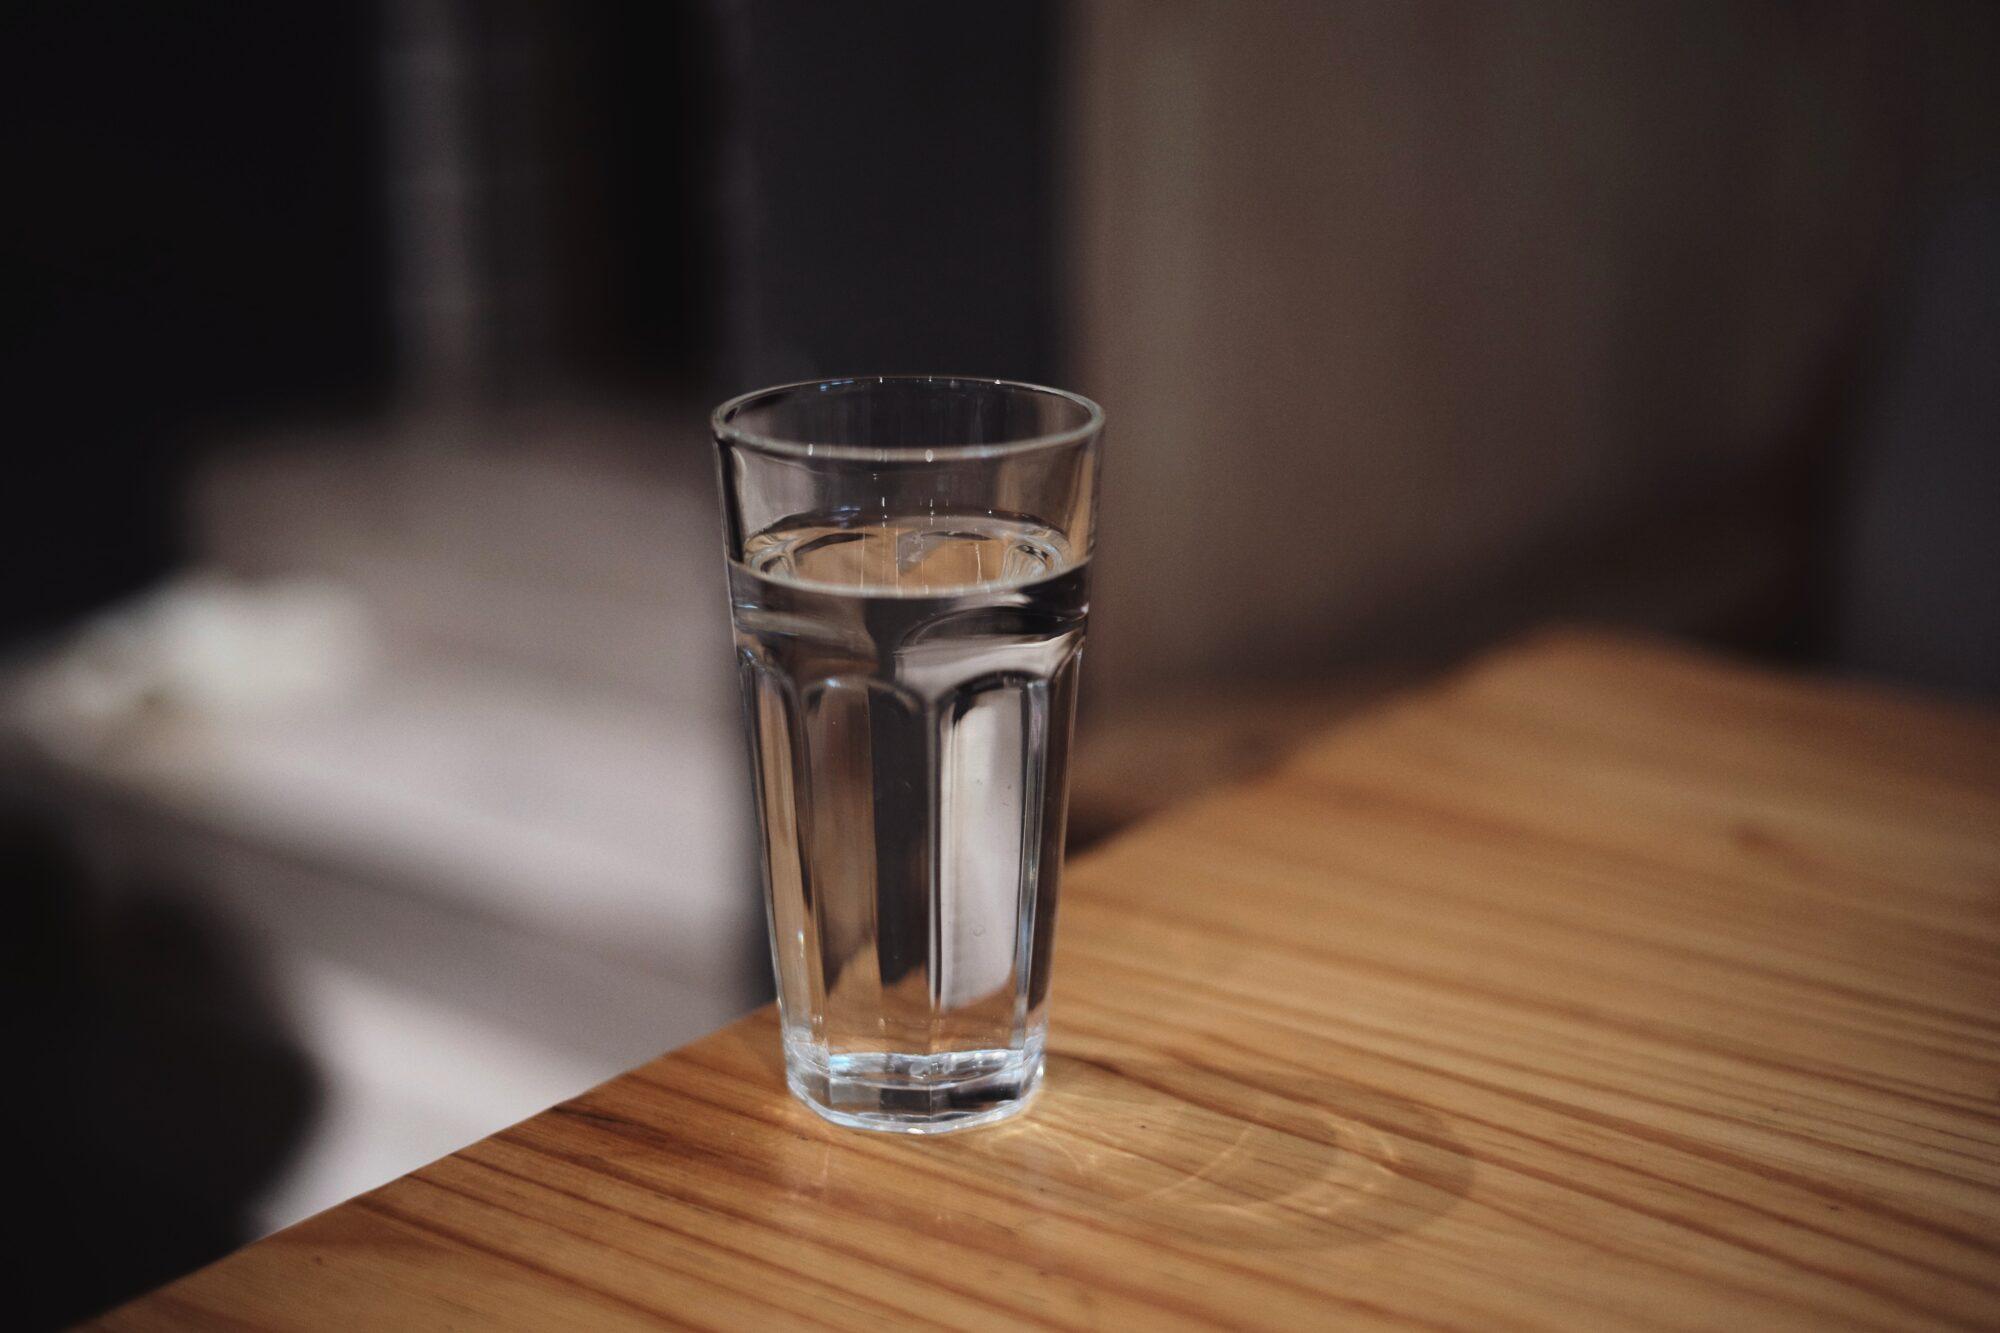 Kalkfilter til vandhane – undgå kalk i vandet